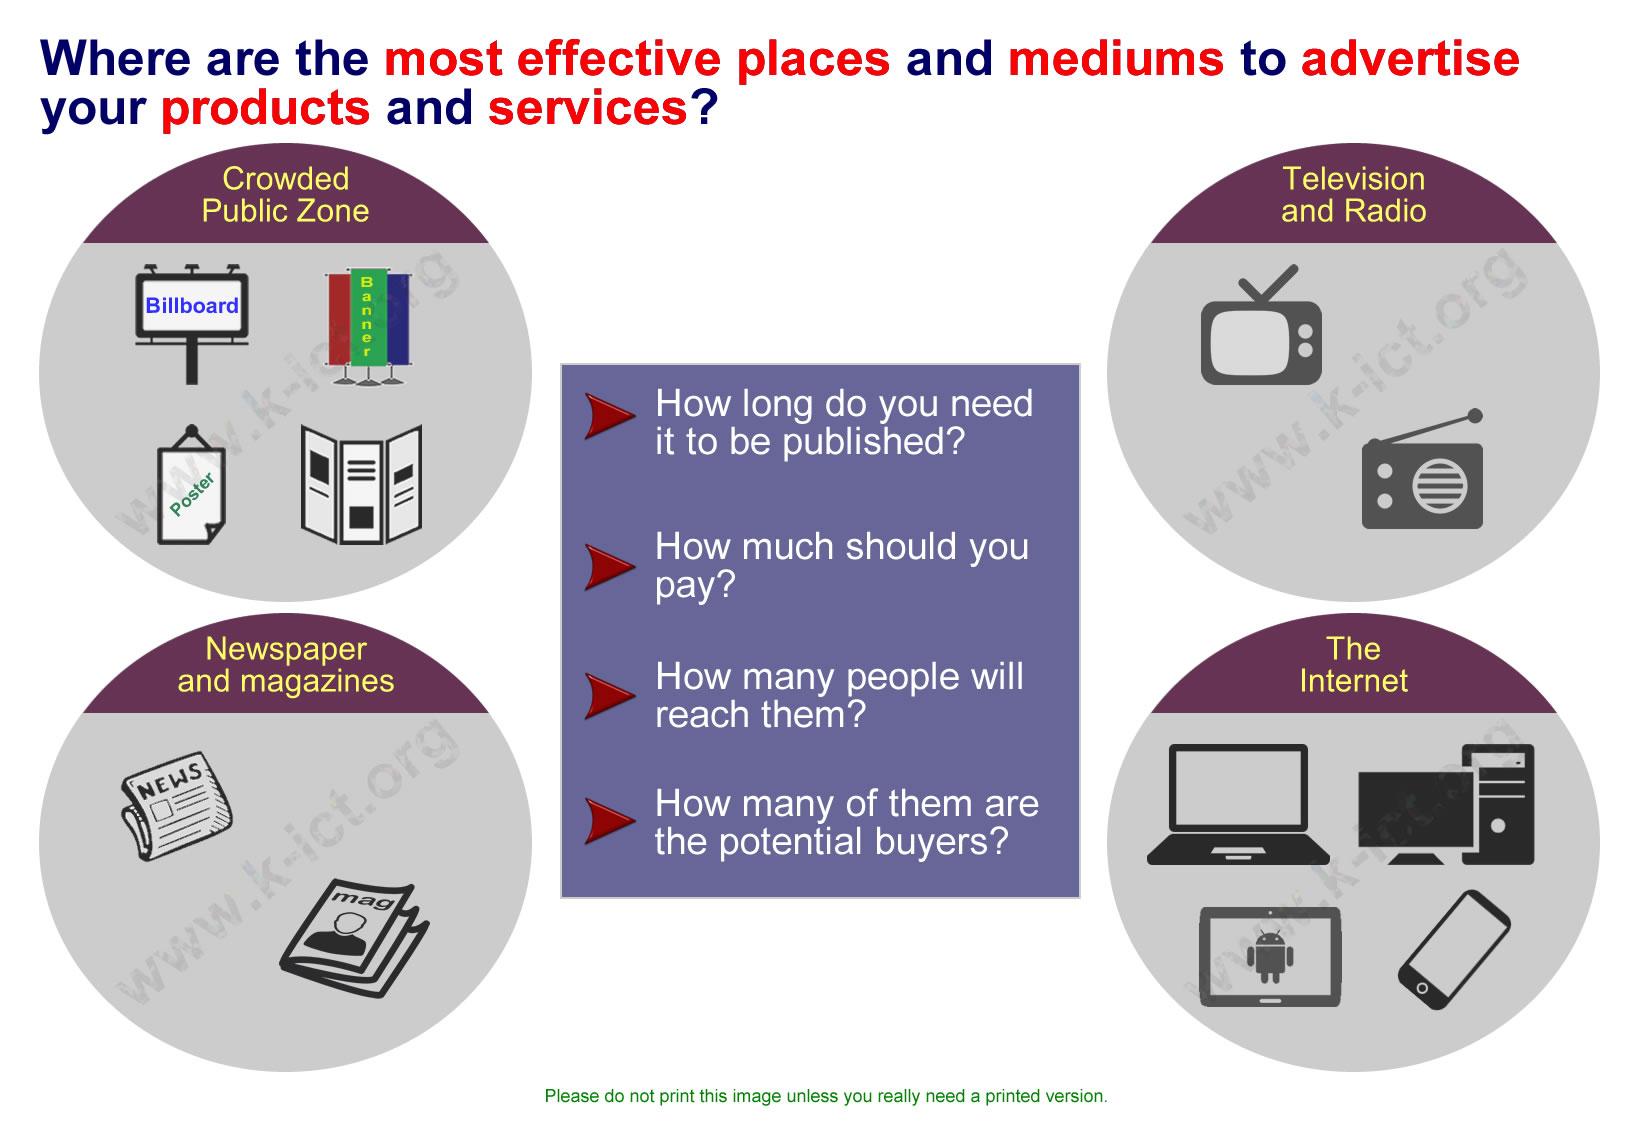 Online advertising brings more buyers